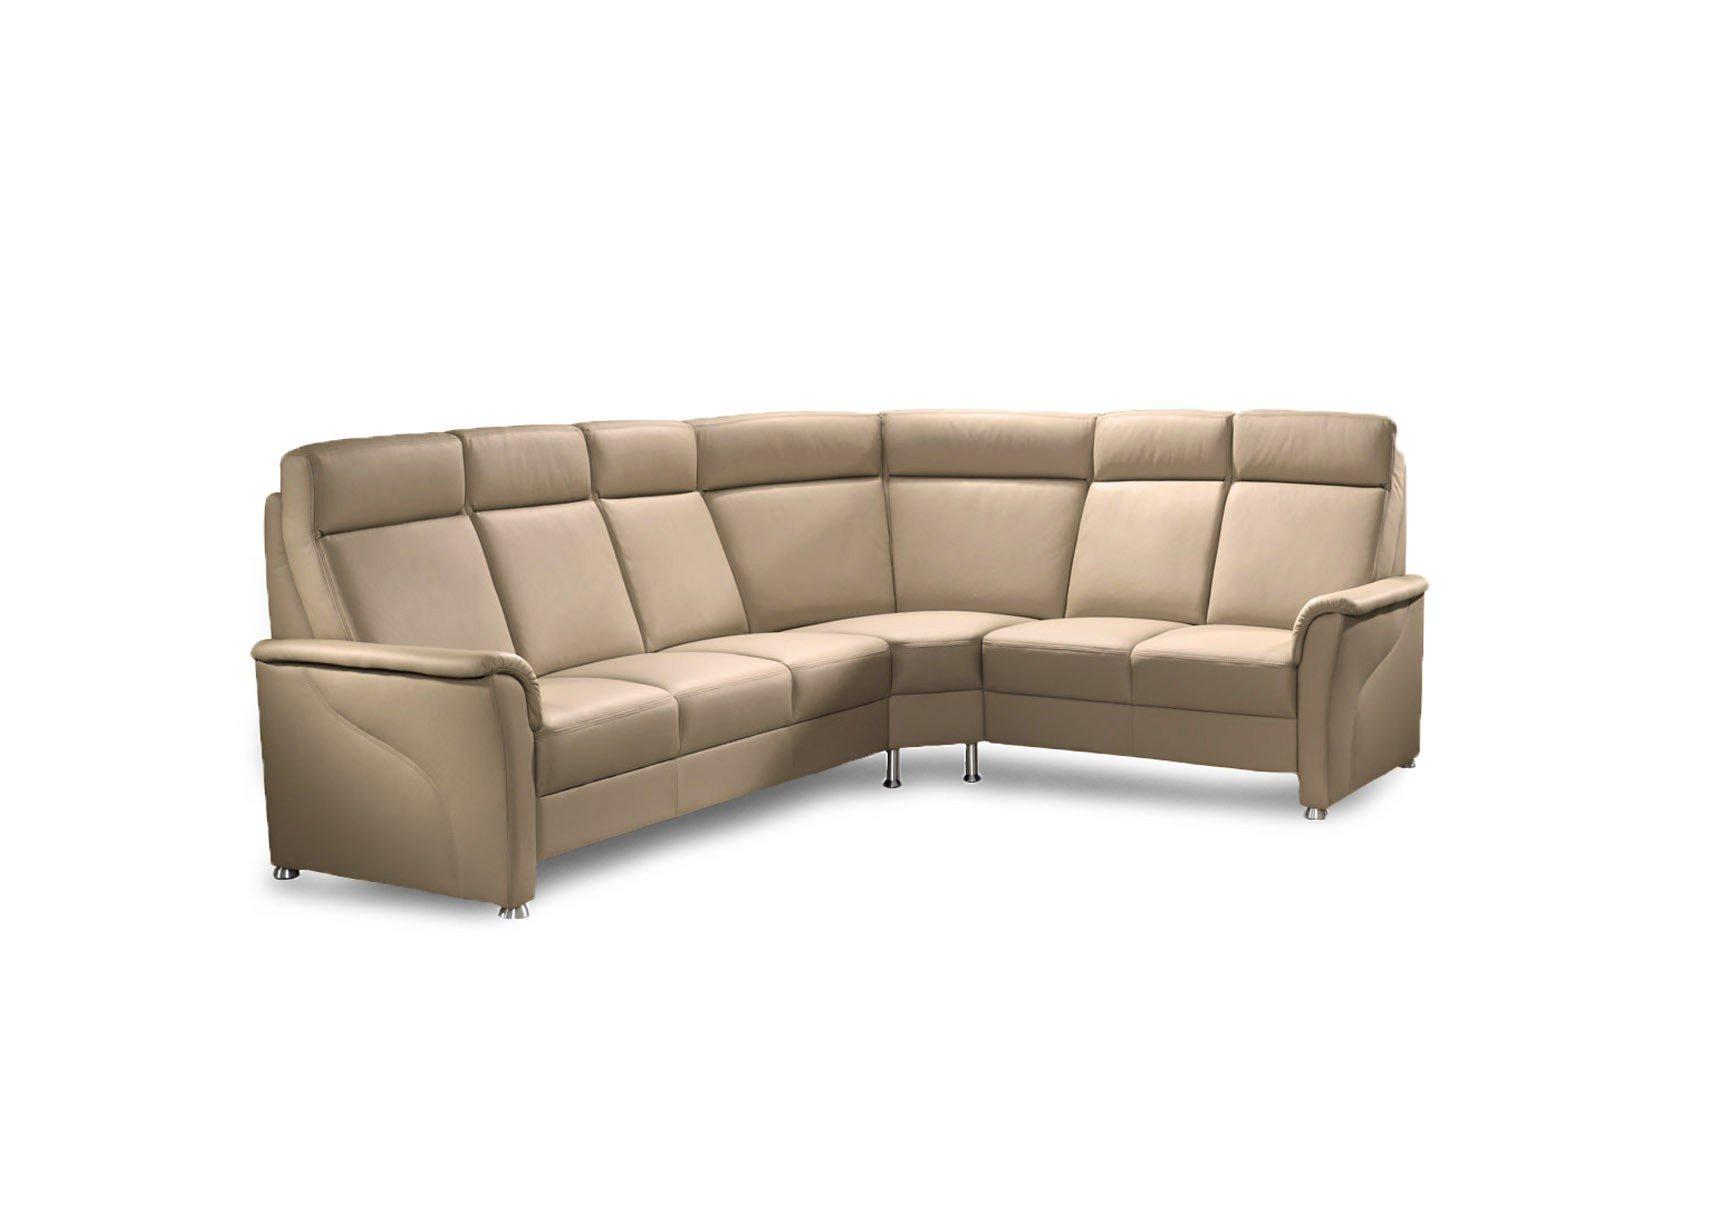 gruber polsterm bel imagine ecksofa in beige m bel letz ihr online shop. Black Bedroom Furniture Sets. Home Design Ideas